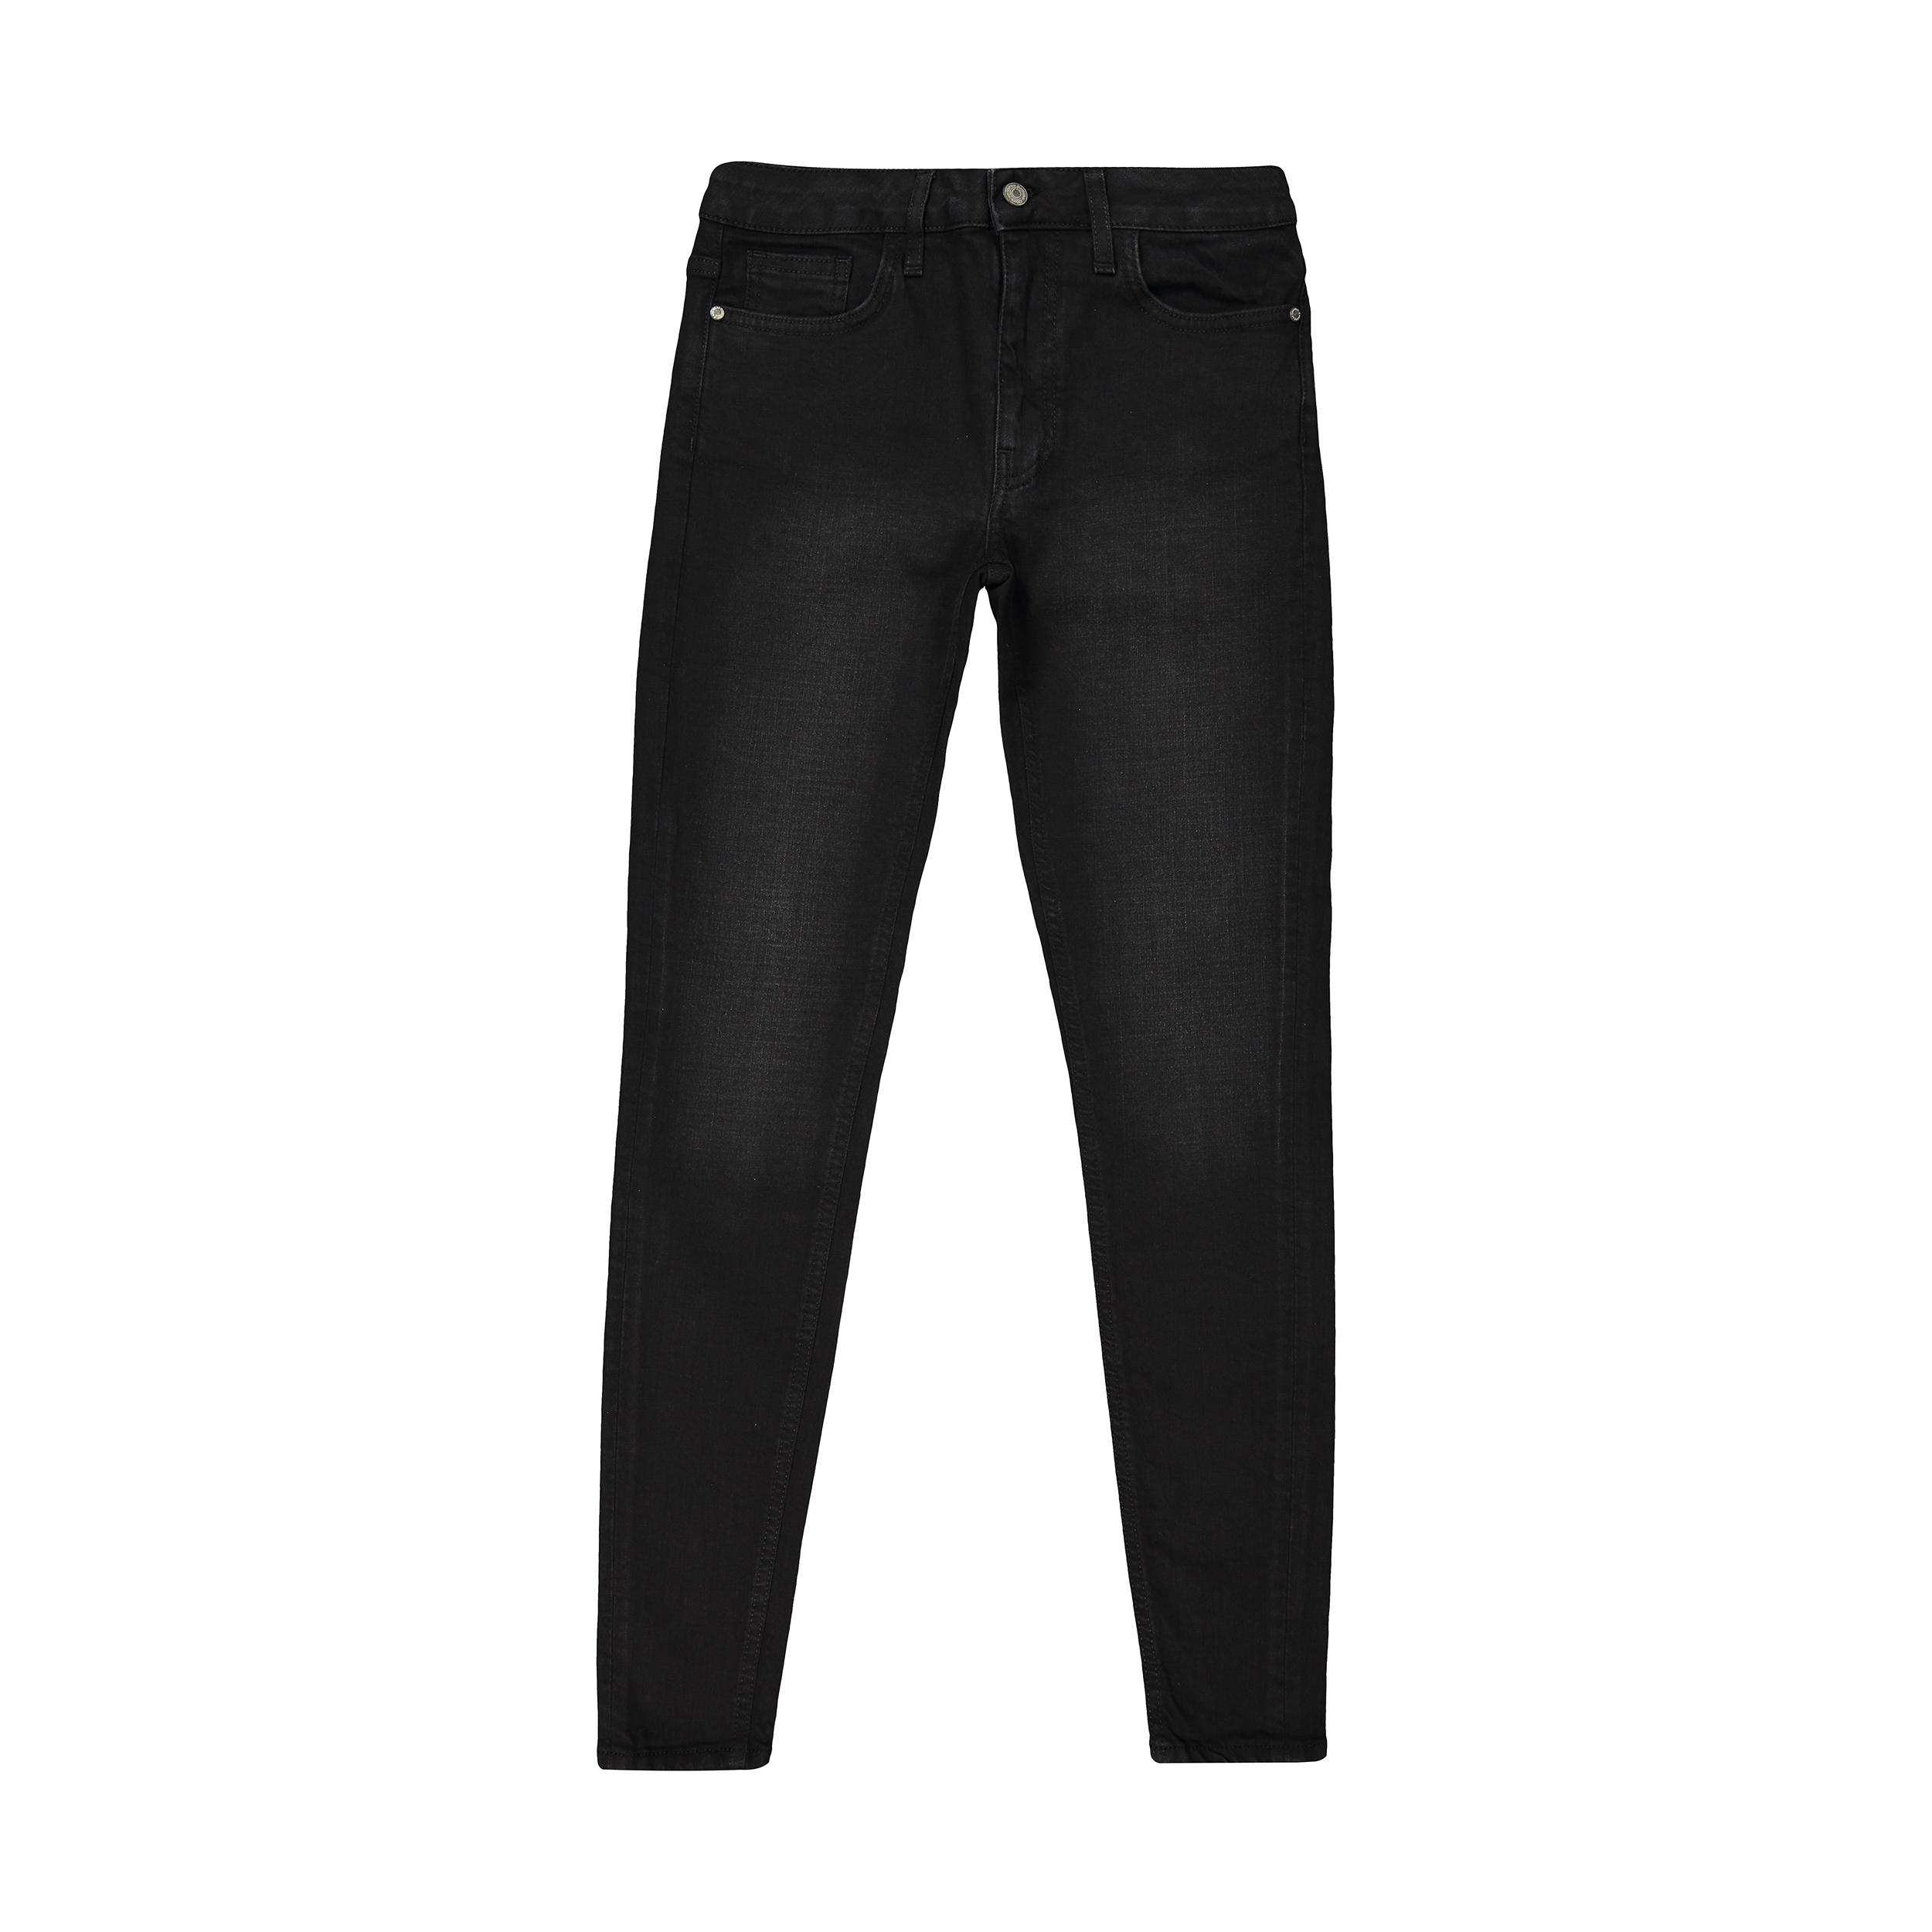 خرید ارزان شلوار جین زنانه آر ان اس مدل 1104074-99